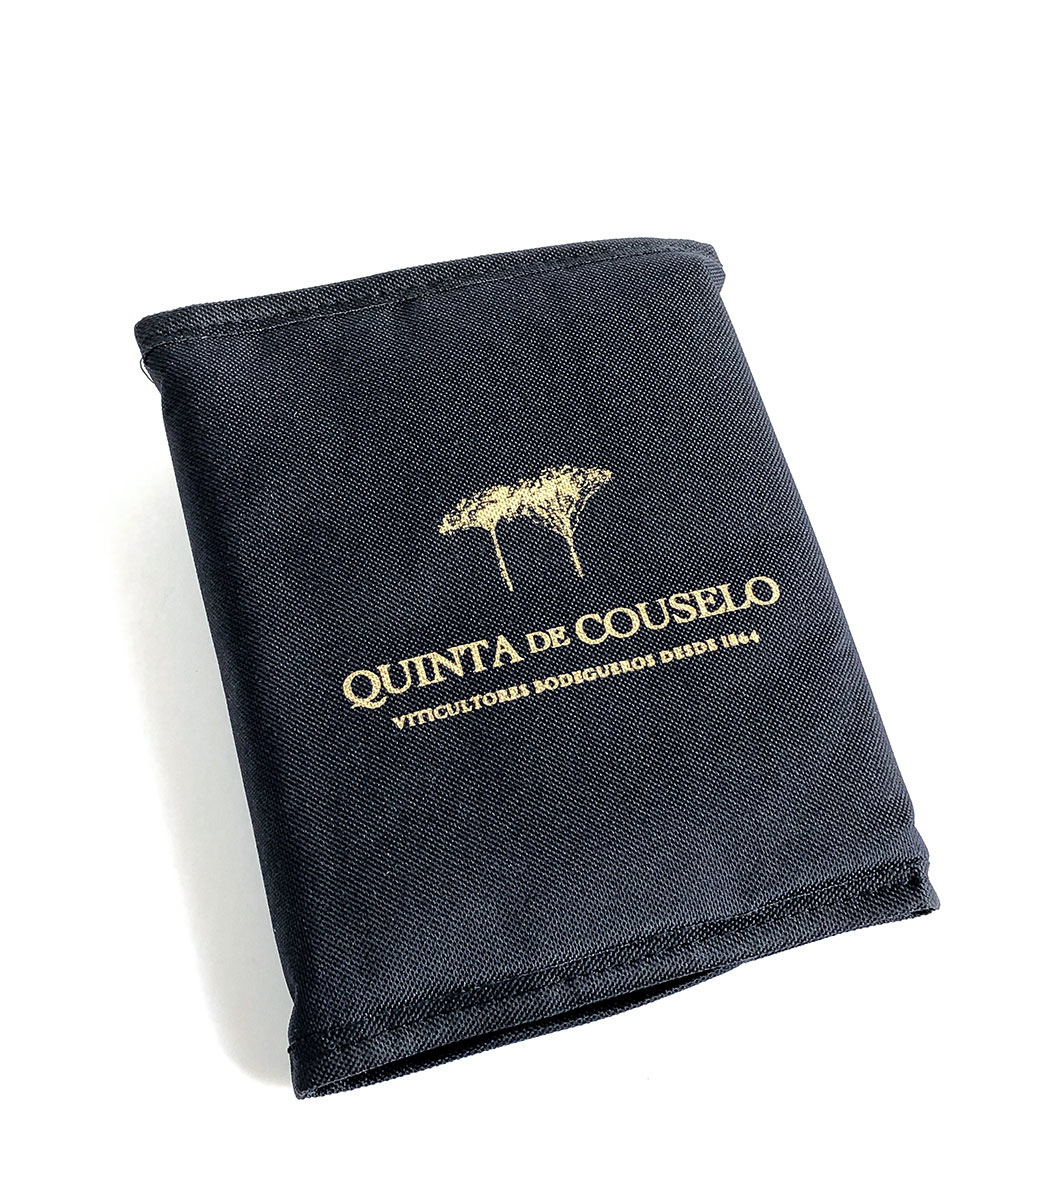 Manga enfriadora Quinta Couselo